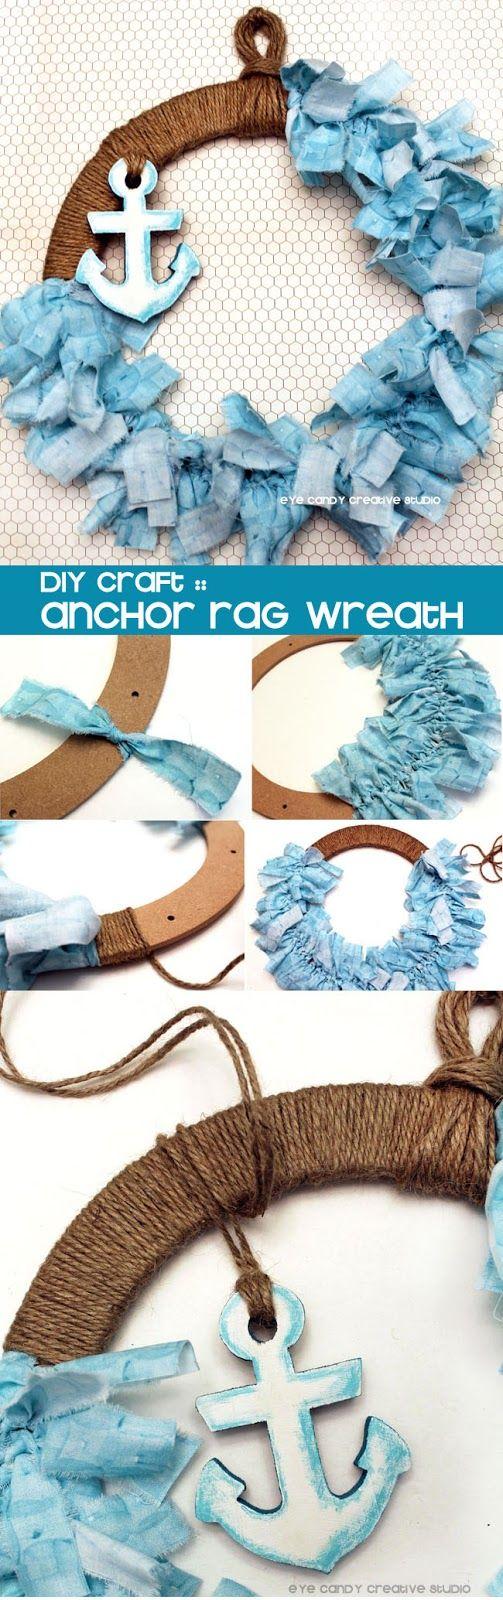 Nautical rag wreath diy eyecandycreate ragwreath for Nautical craft ideas